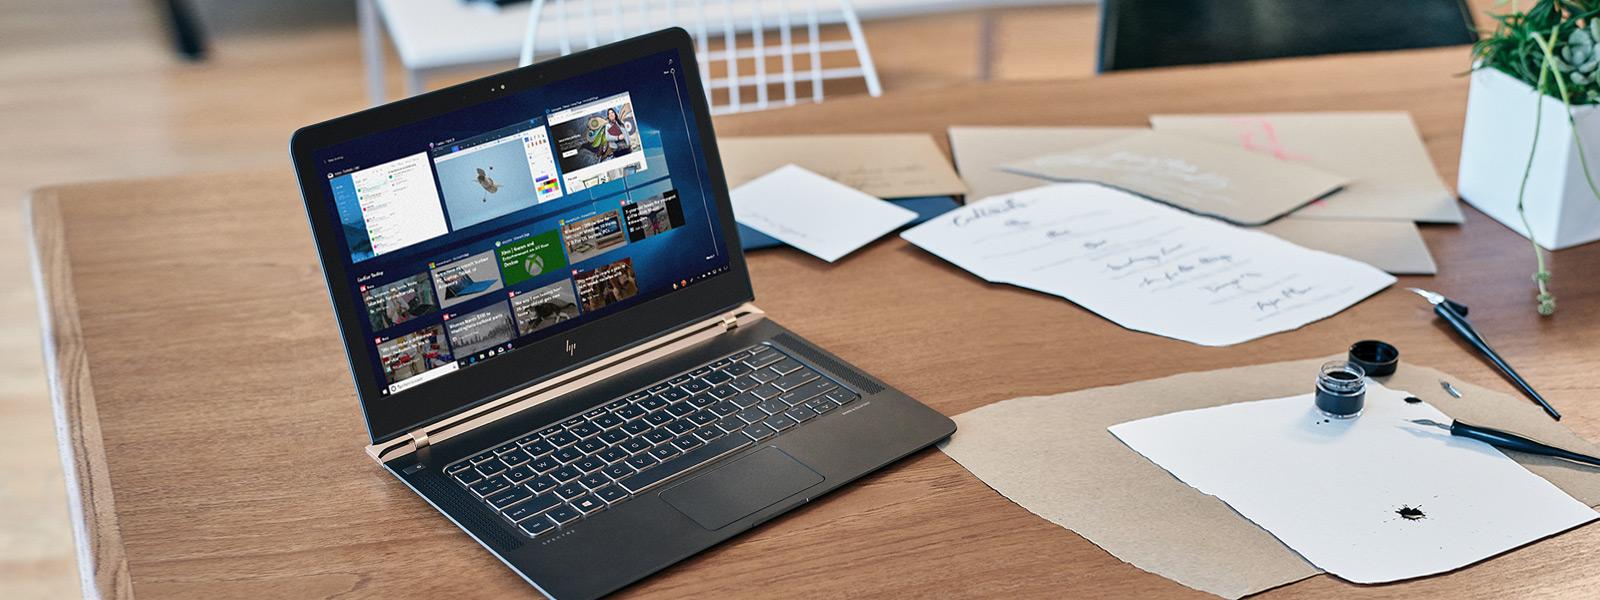 桌上的筆記型電腦螢幕顯示 Windows 時間軸